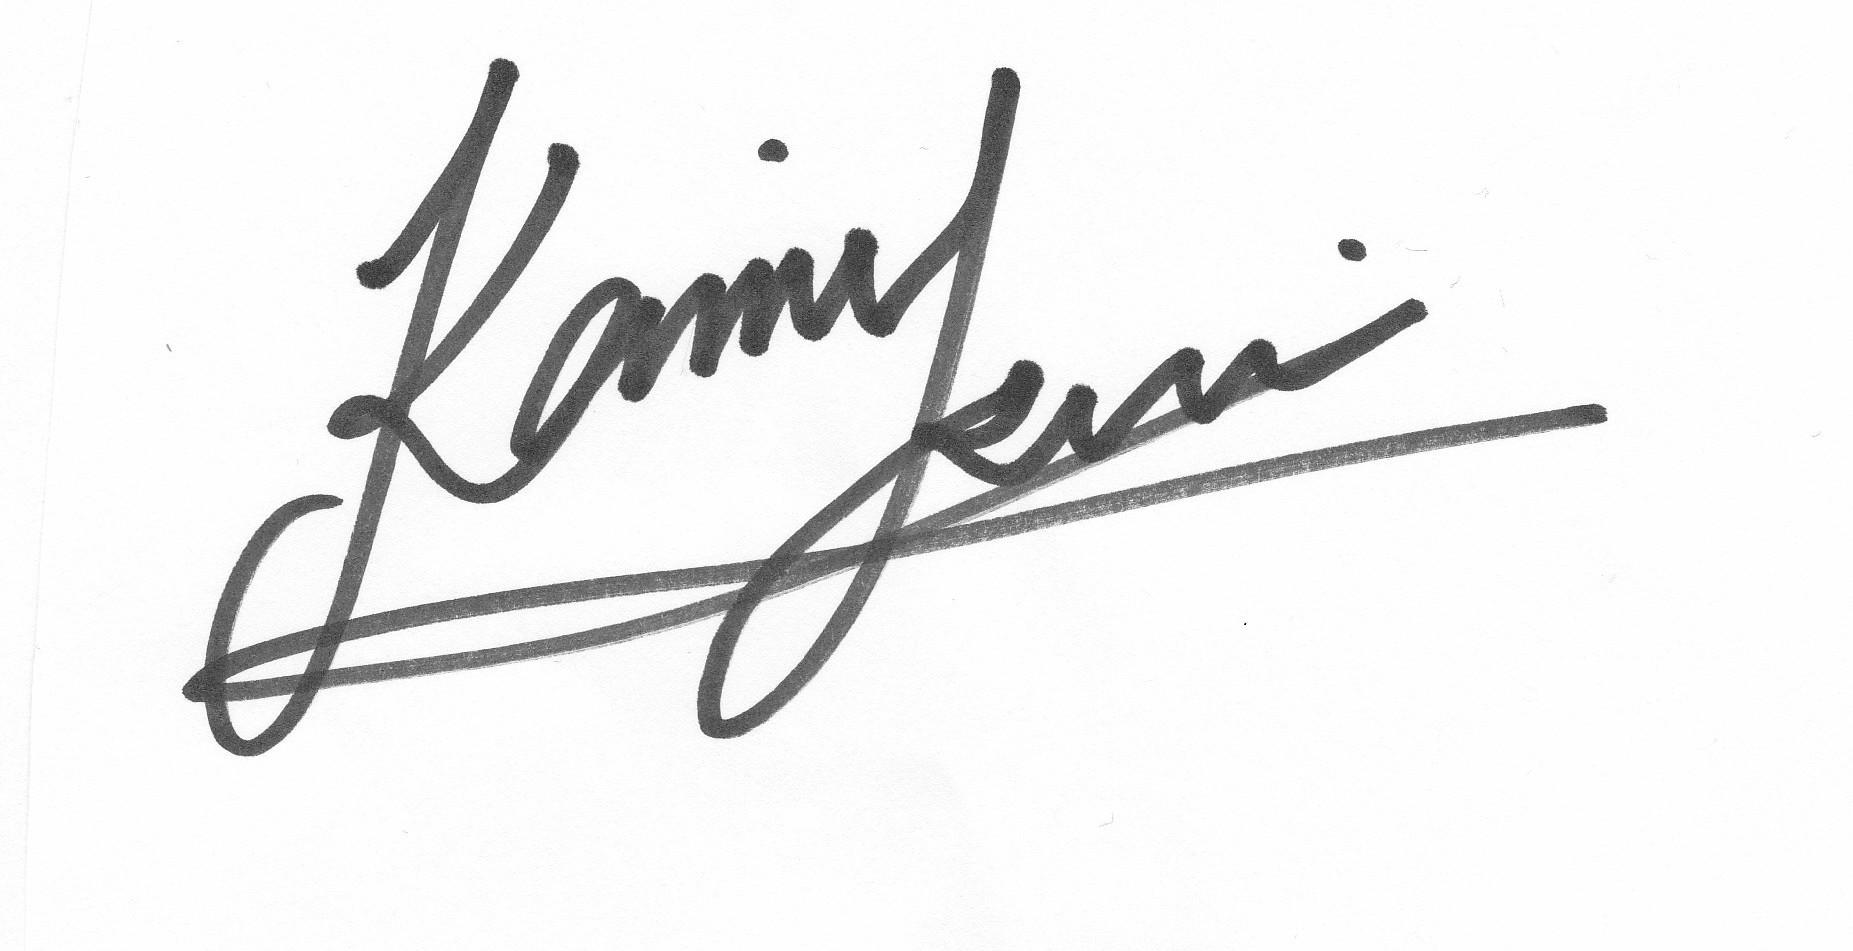 KAMI TSUI Signature